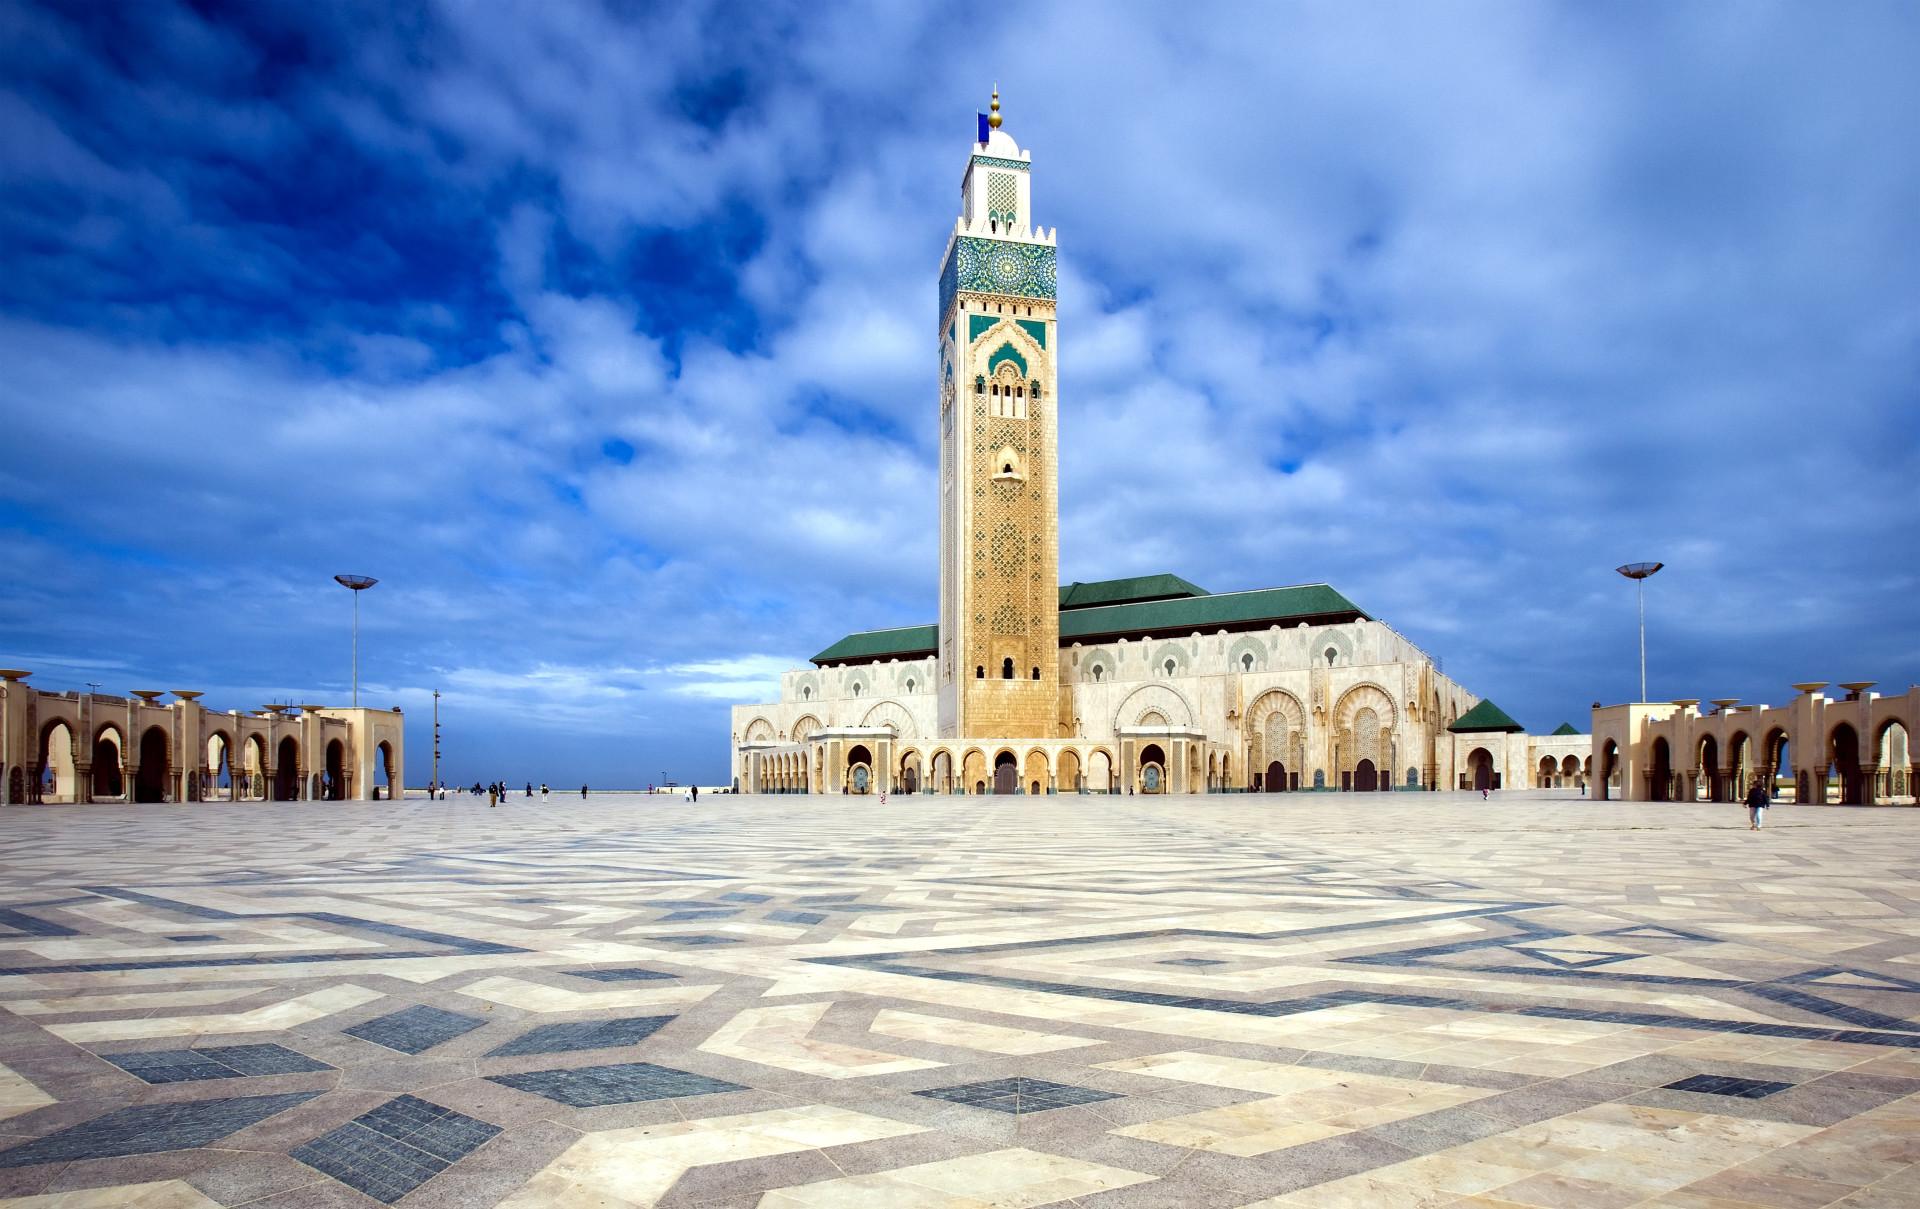 Hassan II moskee, Casablanca, Marokko